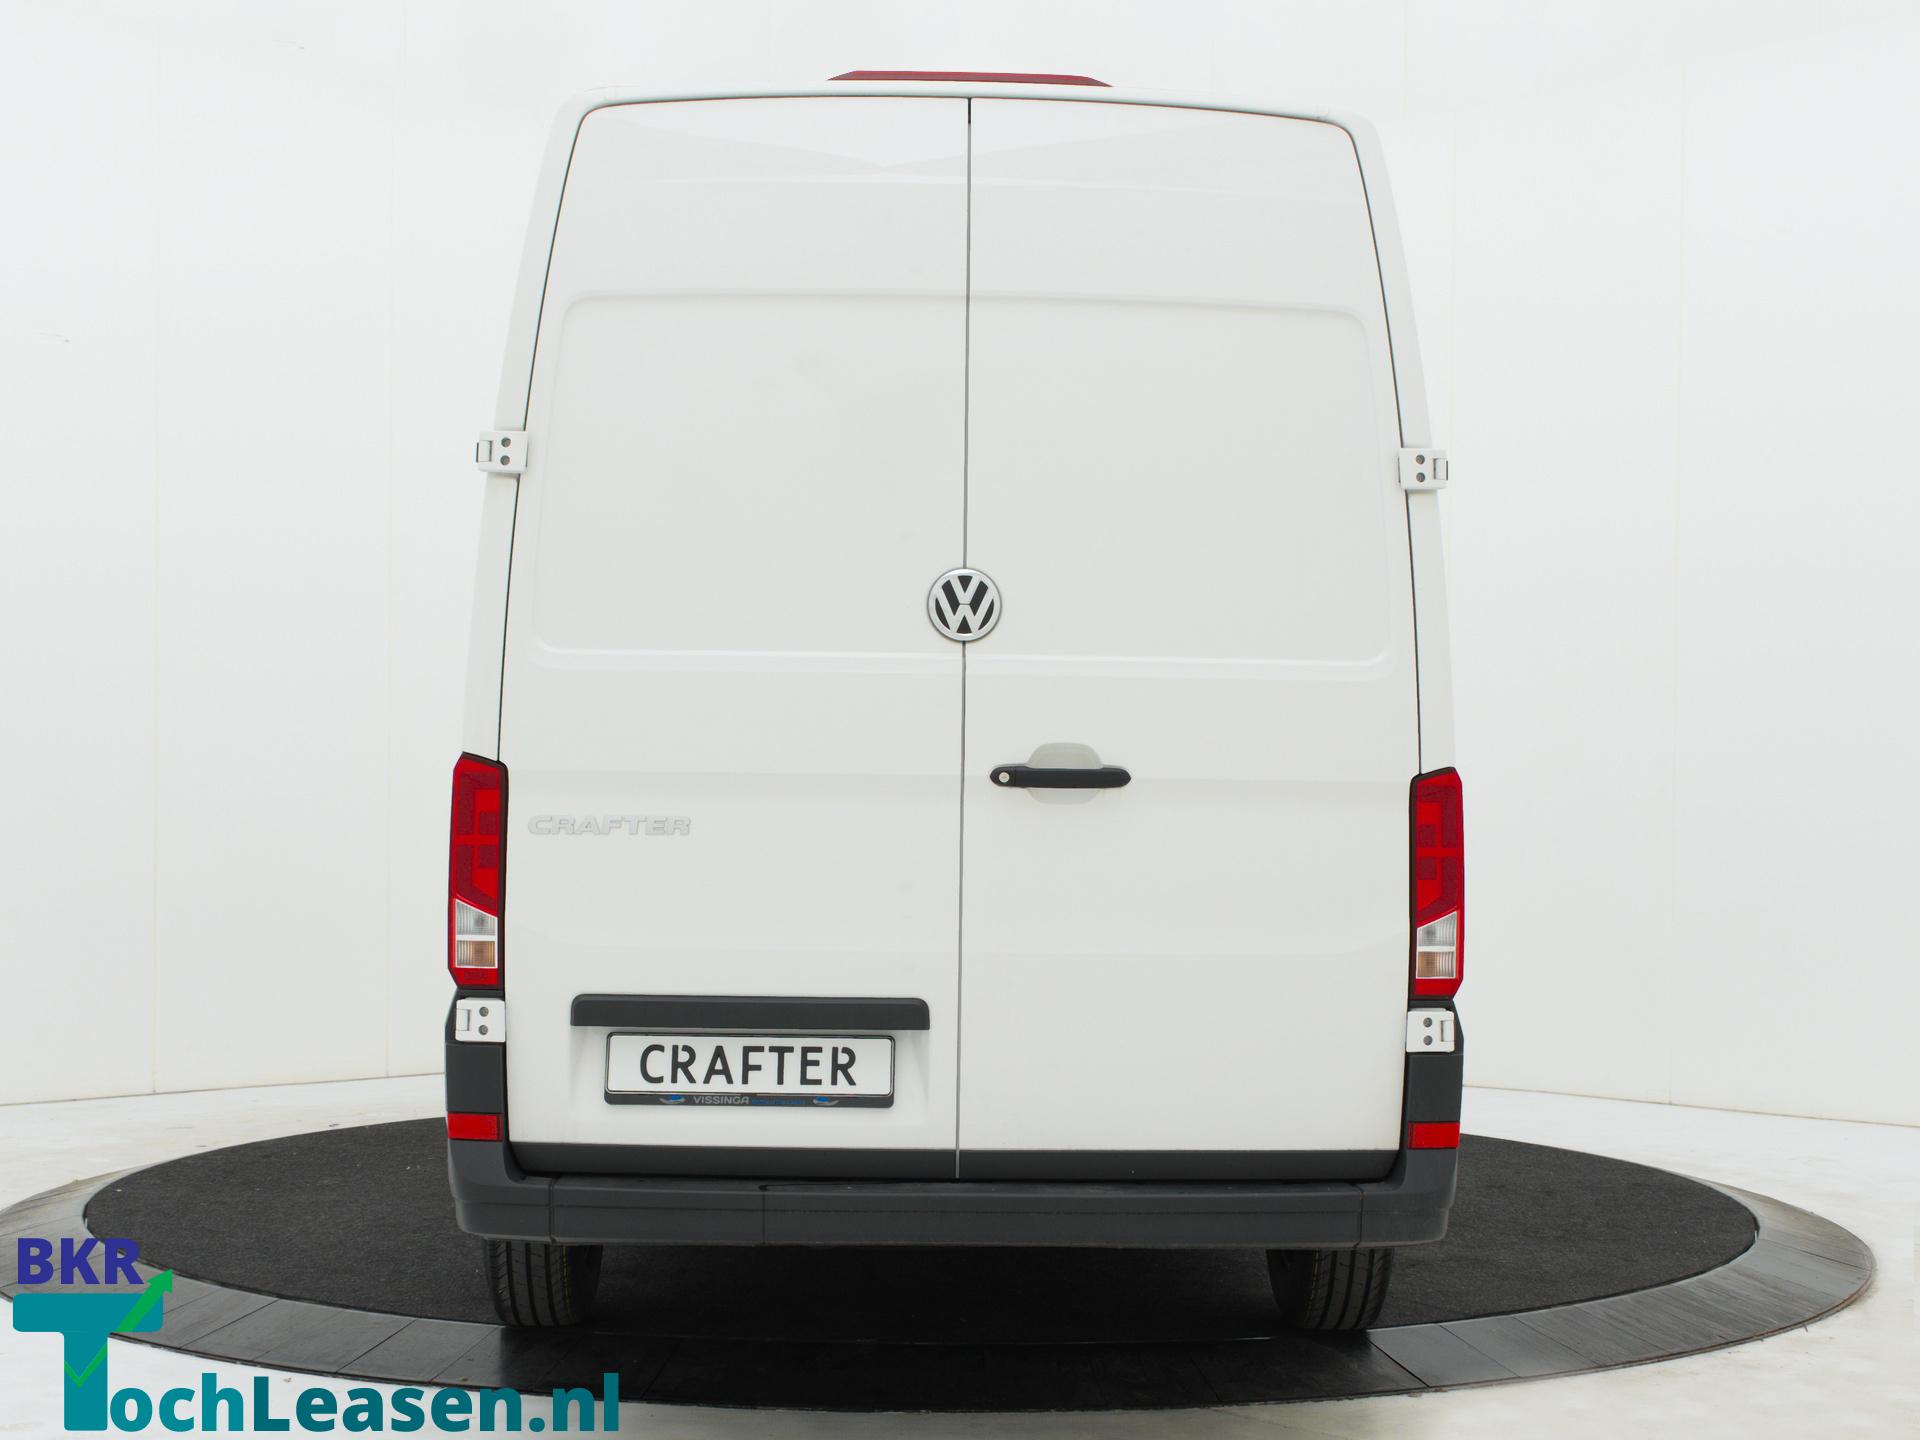 BkrTochLeasen.nl - Witte Volkswagen Crafter 11